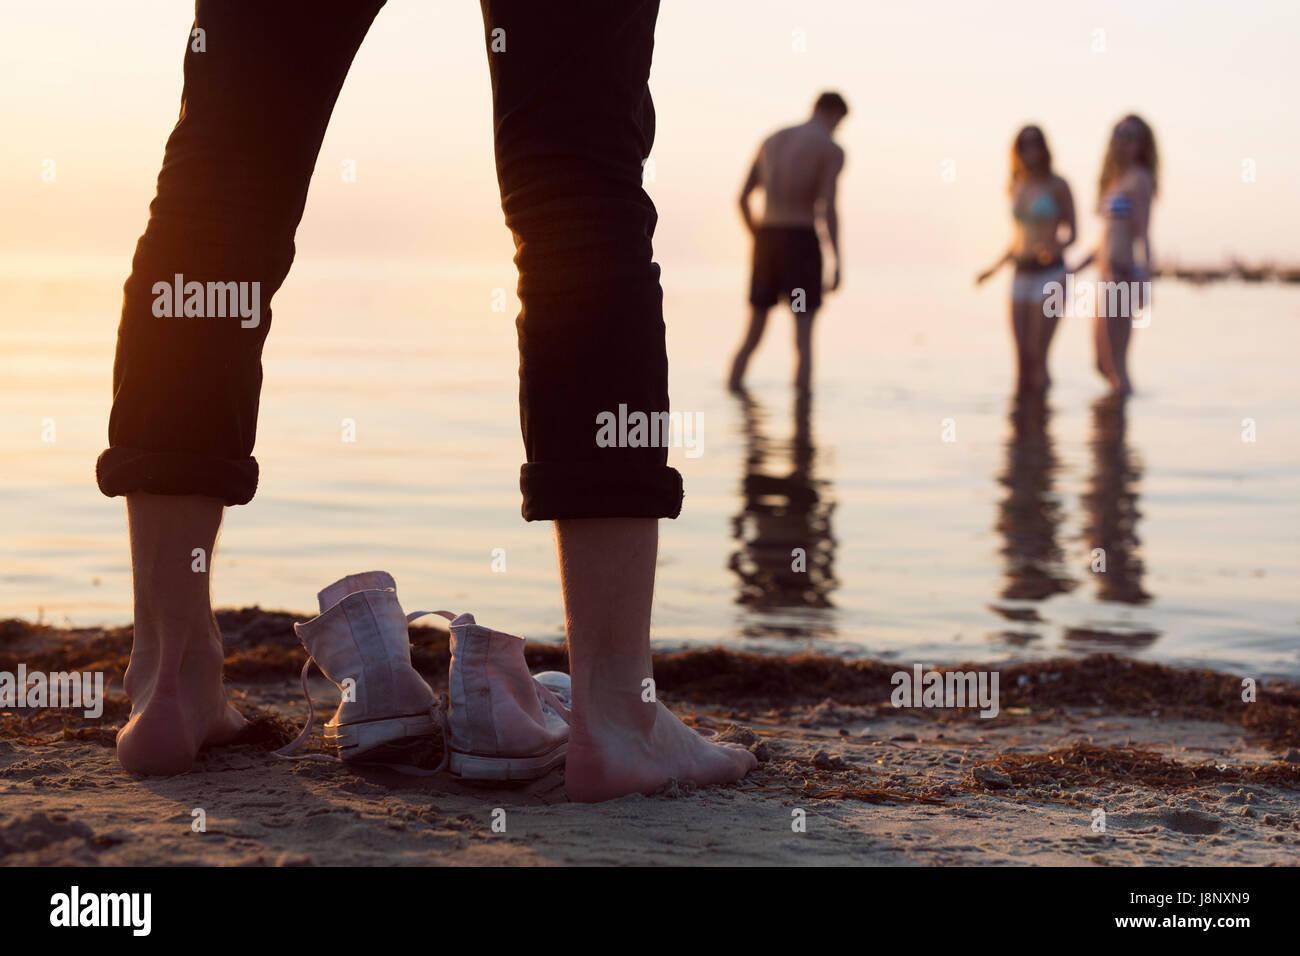 Junge Mann stand am Strand während der jungen Frau und Teenager-Mädchen (16-17) und junger Mann waten im Meer bei Sonnenuntergang Stockfoto